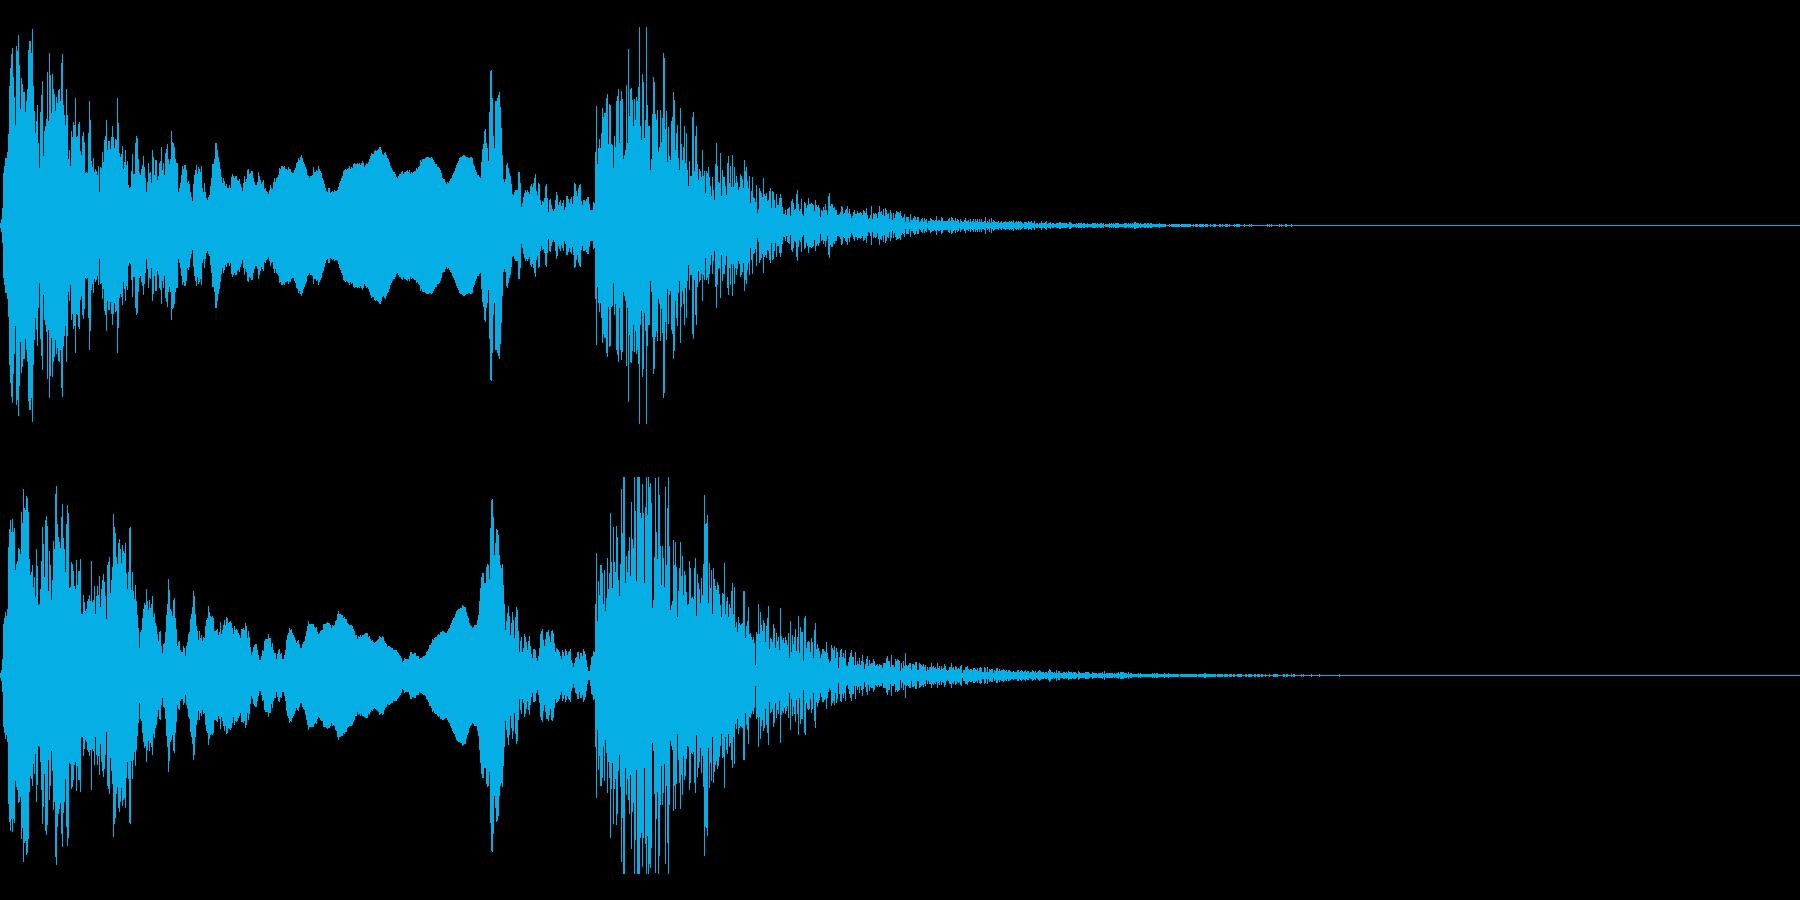 和風な歌舞伎の笛(能管)太鼓インパクト6の再生済みの波形